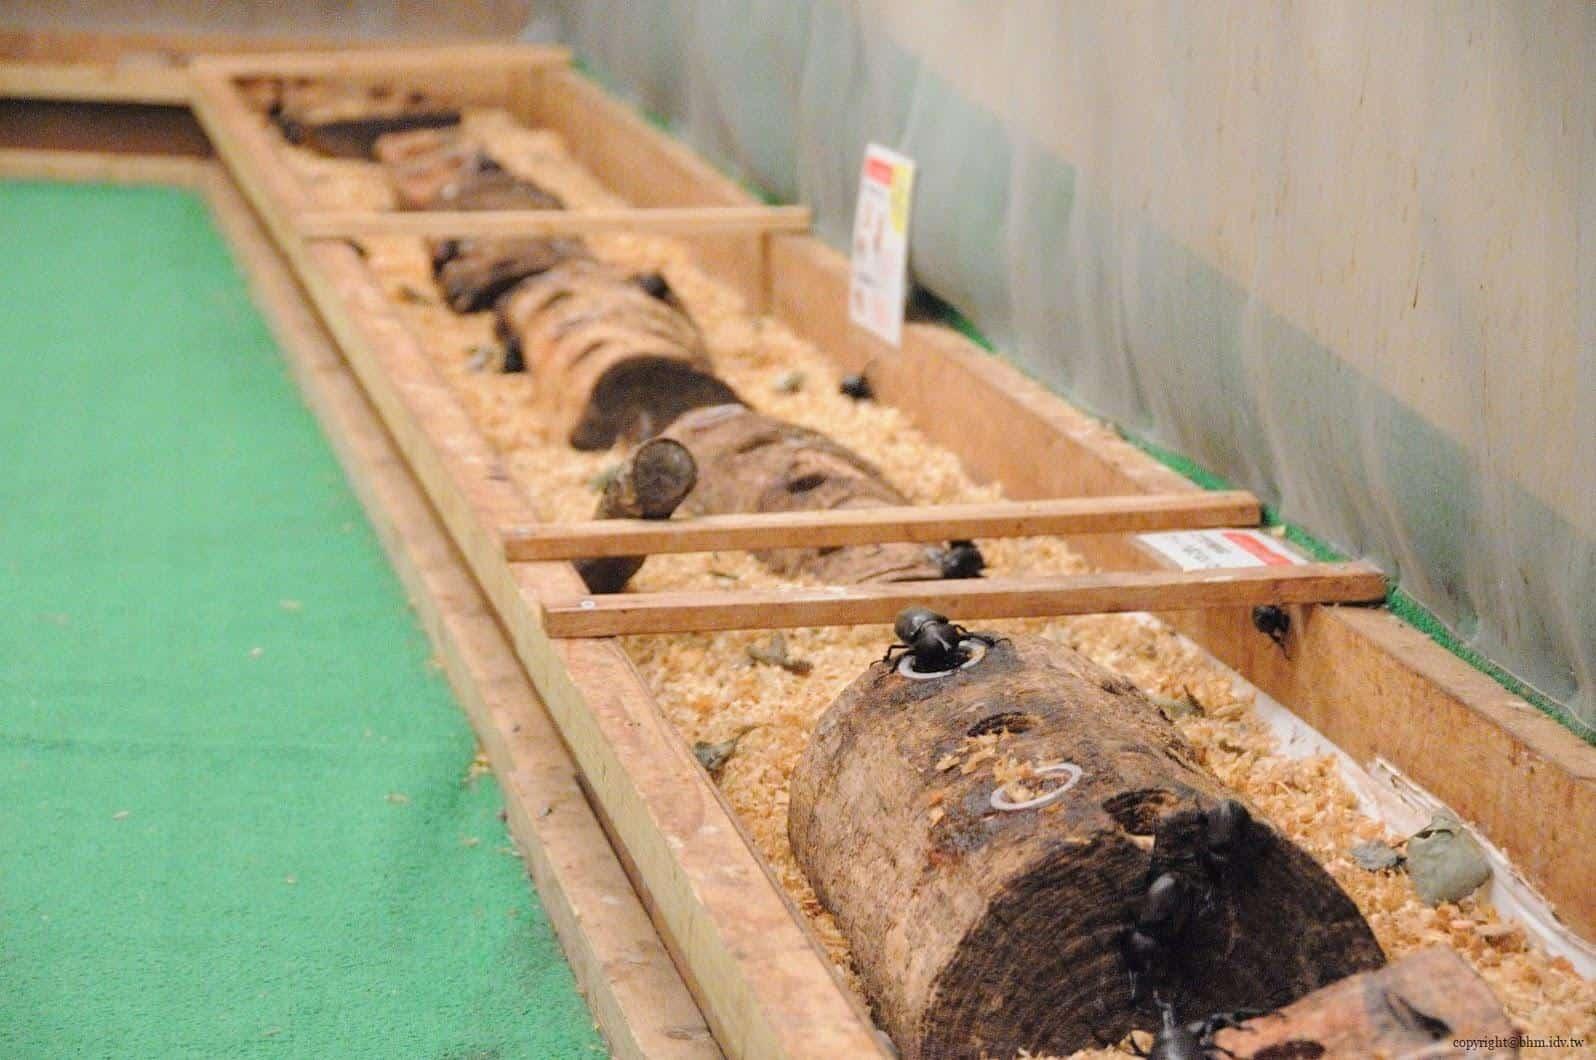 手塚貴晴+手塚由比,十日町市立里山科學館「森林學校」,介紹松之山區域自然與文化的自然科學館,裡面最讓我驚訝的甲蟲就這樣近距離讓遊客接觸,也第一次了解他們食物,處處充滿驚喜 十日町市立里山科學館 十日町市立里山科學館/森林學校 echigo matsunoyama museum of natural science 23